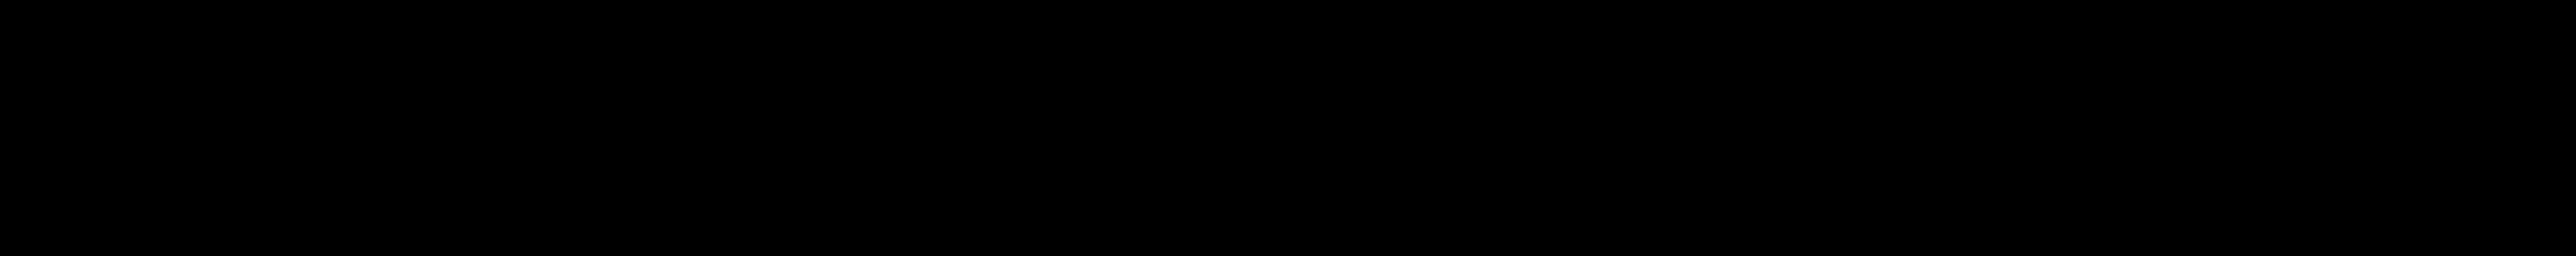 Okuliare Givenchy logo